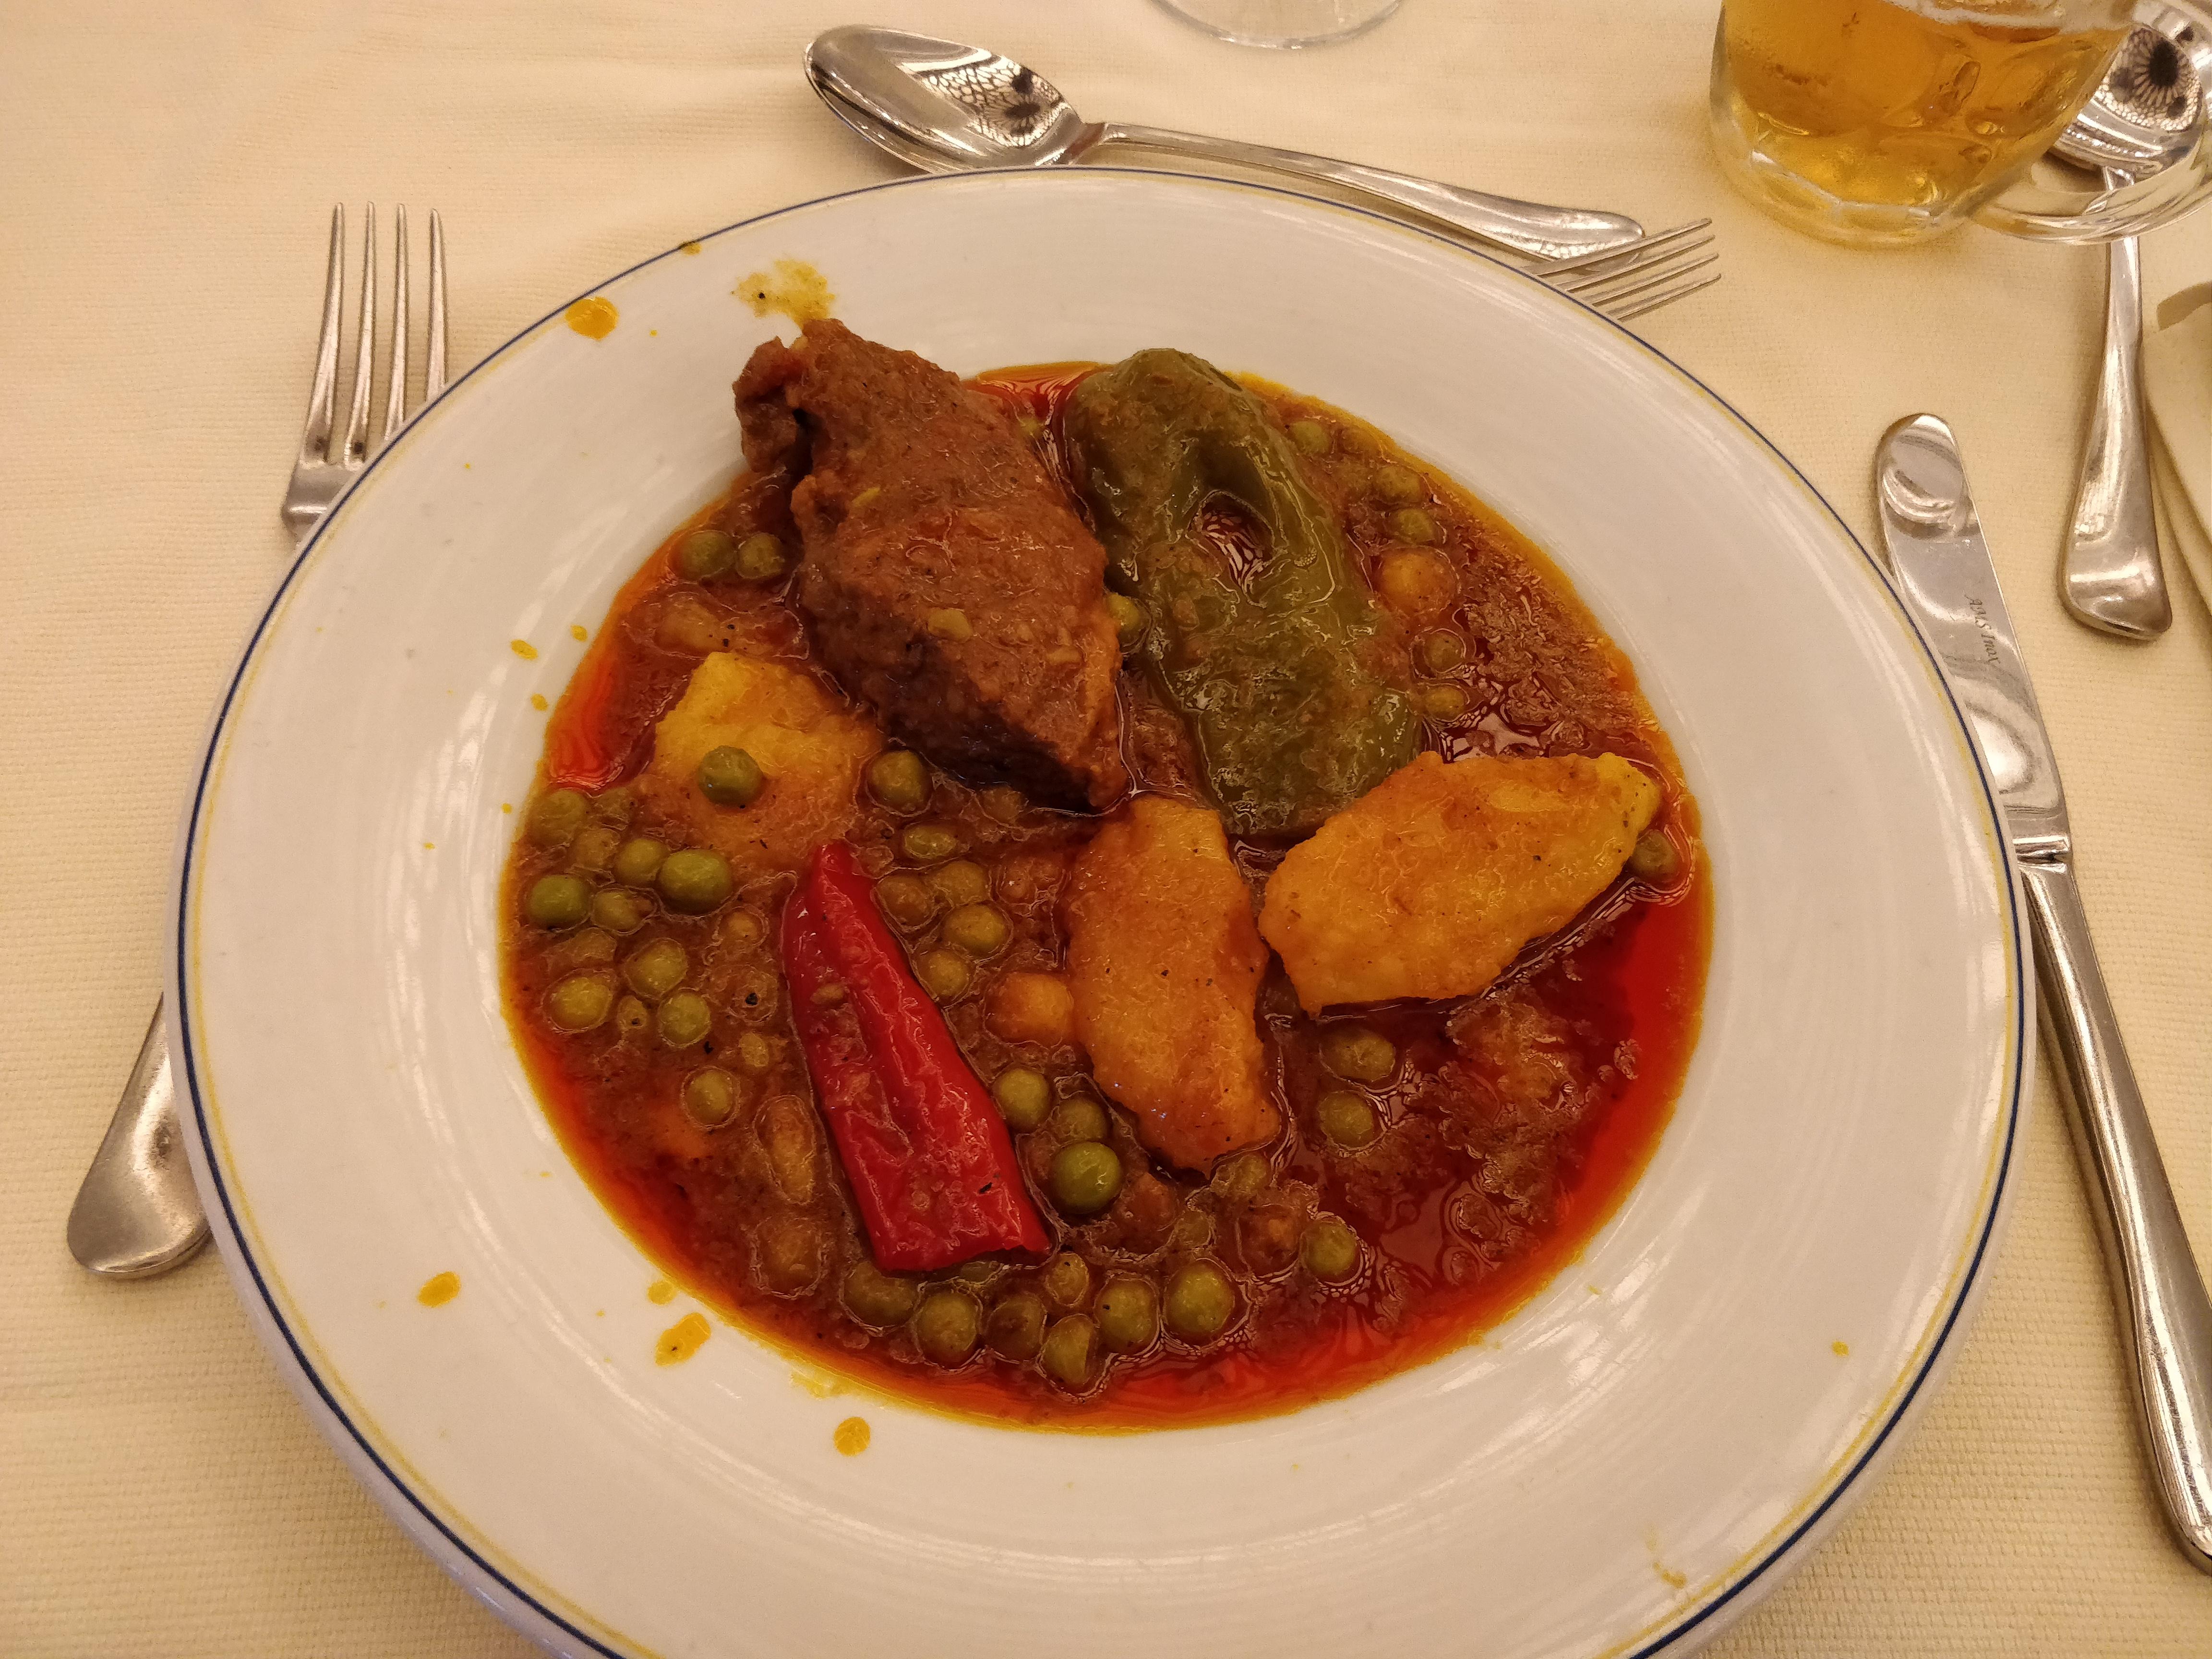 http://foodloader.net/nico_2018-10-26_royal-el-mansour-2.jpg